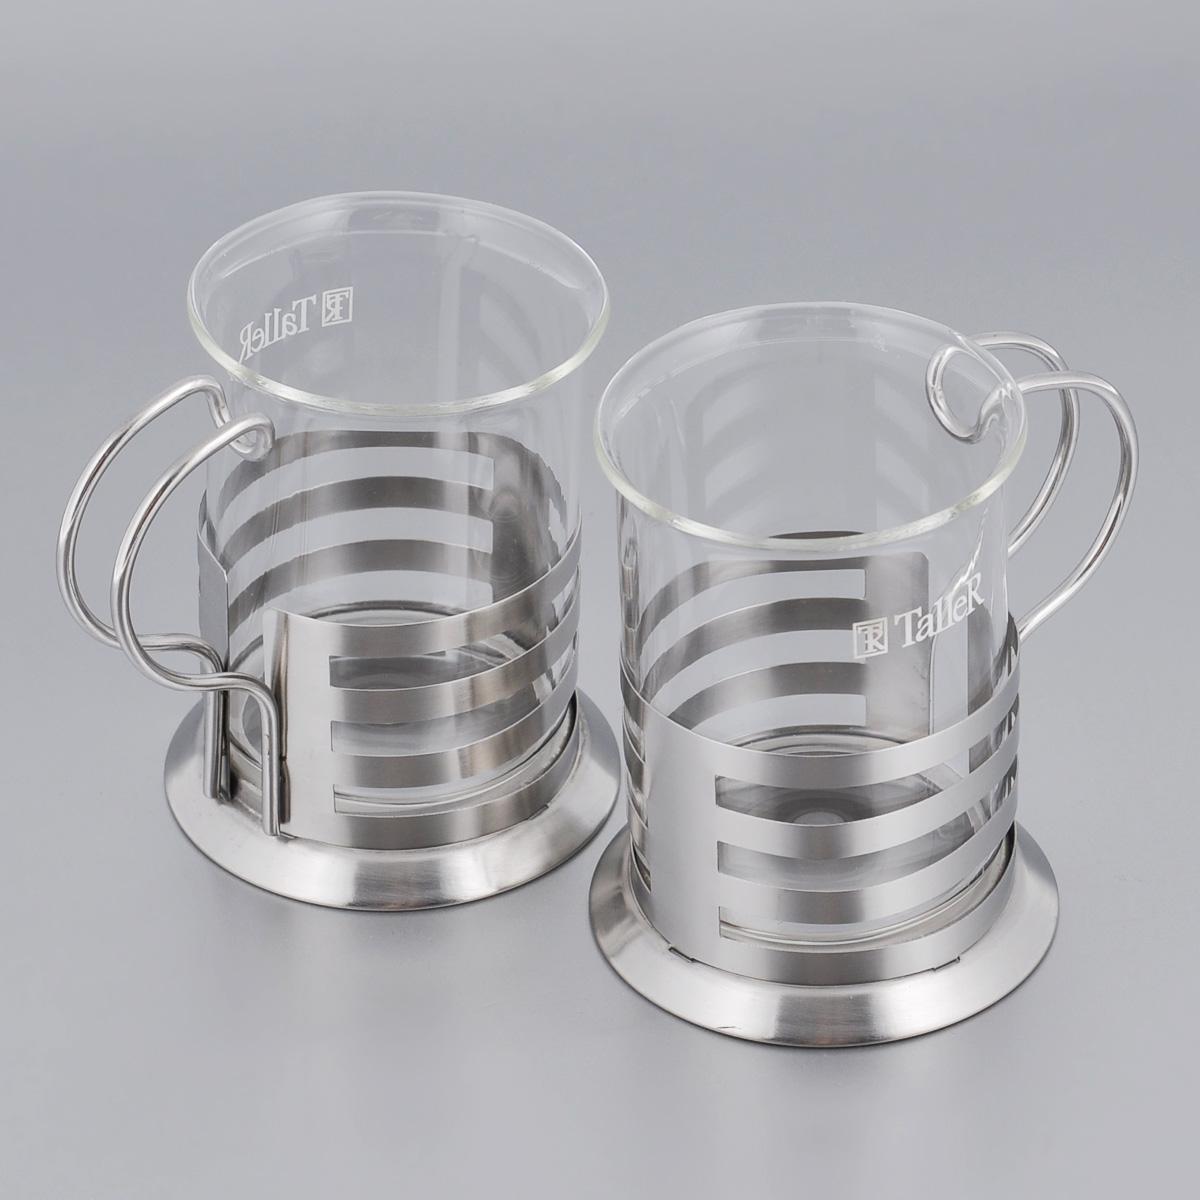 Набор чашек Taller Gregory, 200 мл, 2 штVT-1520(SR)Набор Taller Gregory состоит из двух чашек, изготовленных из высококачественной нержавеющей стали 18/10 и боросиликатного стекла. Удобная ручка обеспечит надежную фиксацию в руке. Красочность оформления набора придется по вкусу и ценителям классики, и тем, кто предпочитает утонченность и изысканность. Можно мыть в посудомоечной машине при температуре 65°С. Объем чашек: 200 мл.Диаметр по верхнему краю: 6,5 см.Высота стенок: 8,5 см.